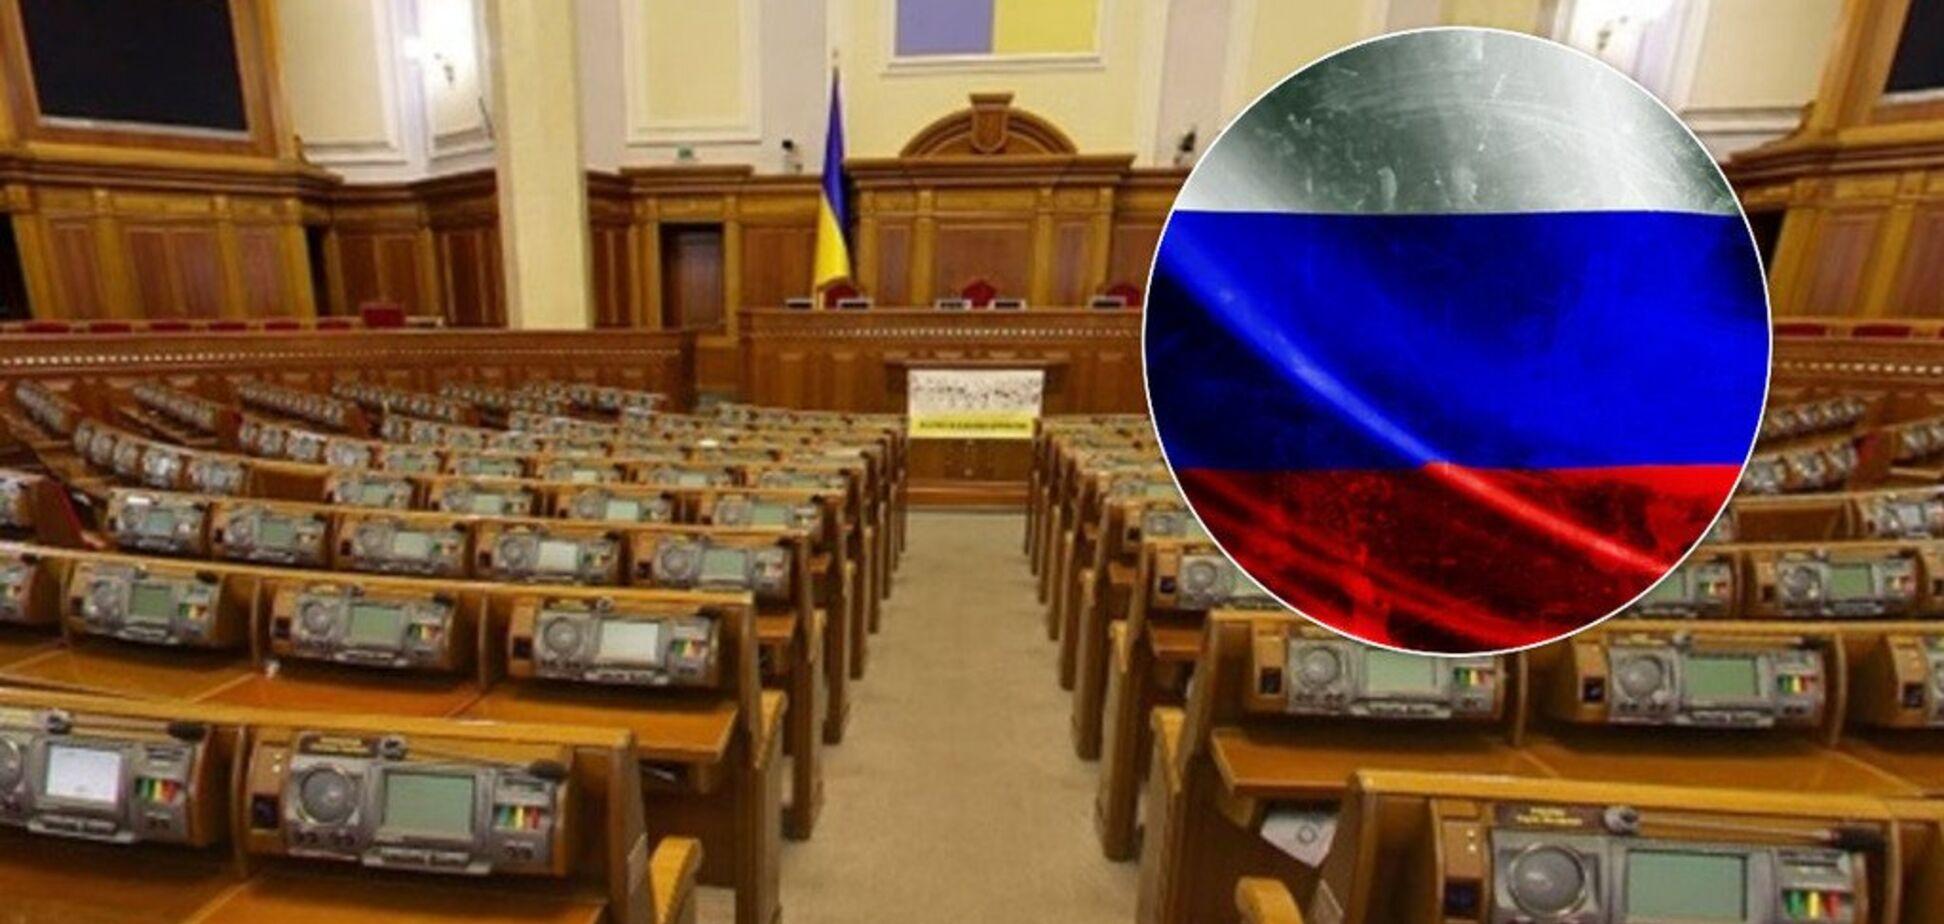 'Это очень опасно!' Украинцев ужаснул масштаб 'русского мира' на выборах в Раду